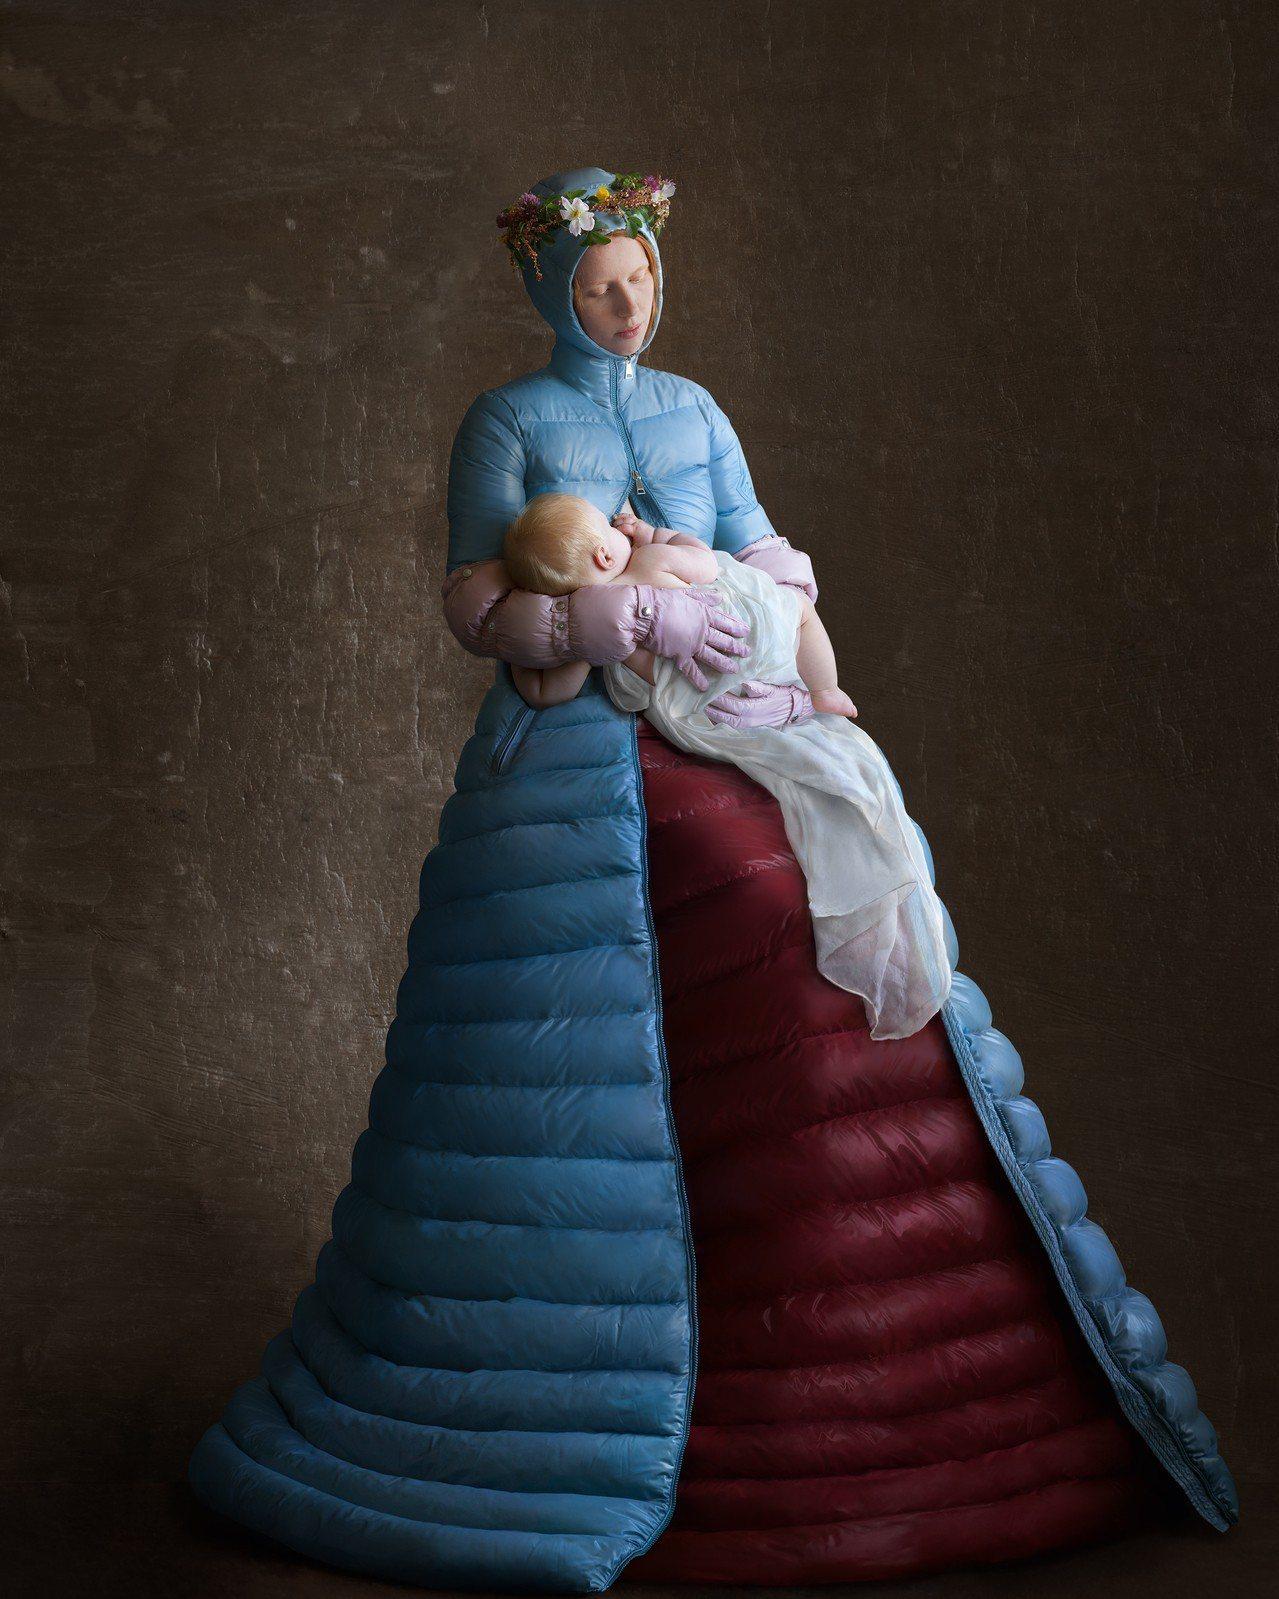 聖母像的聖潔與純粹,成為Pierpaolo Piccioli系列的靈感概念。圖/...